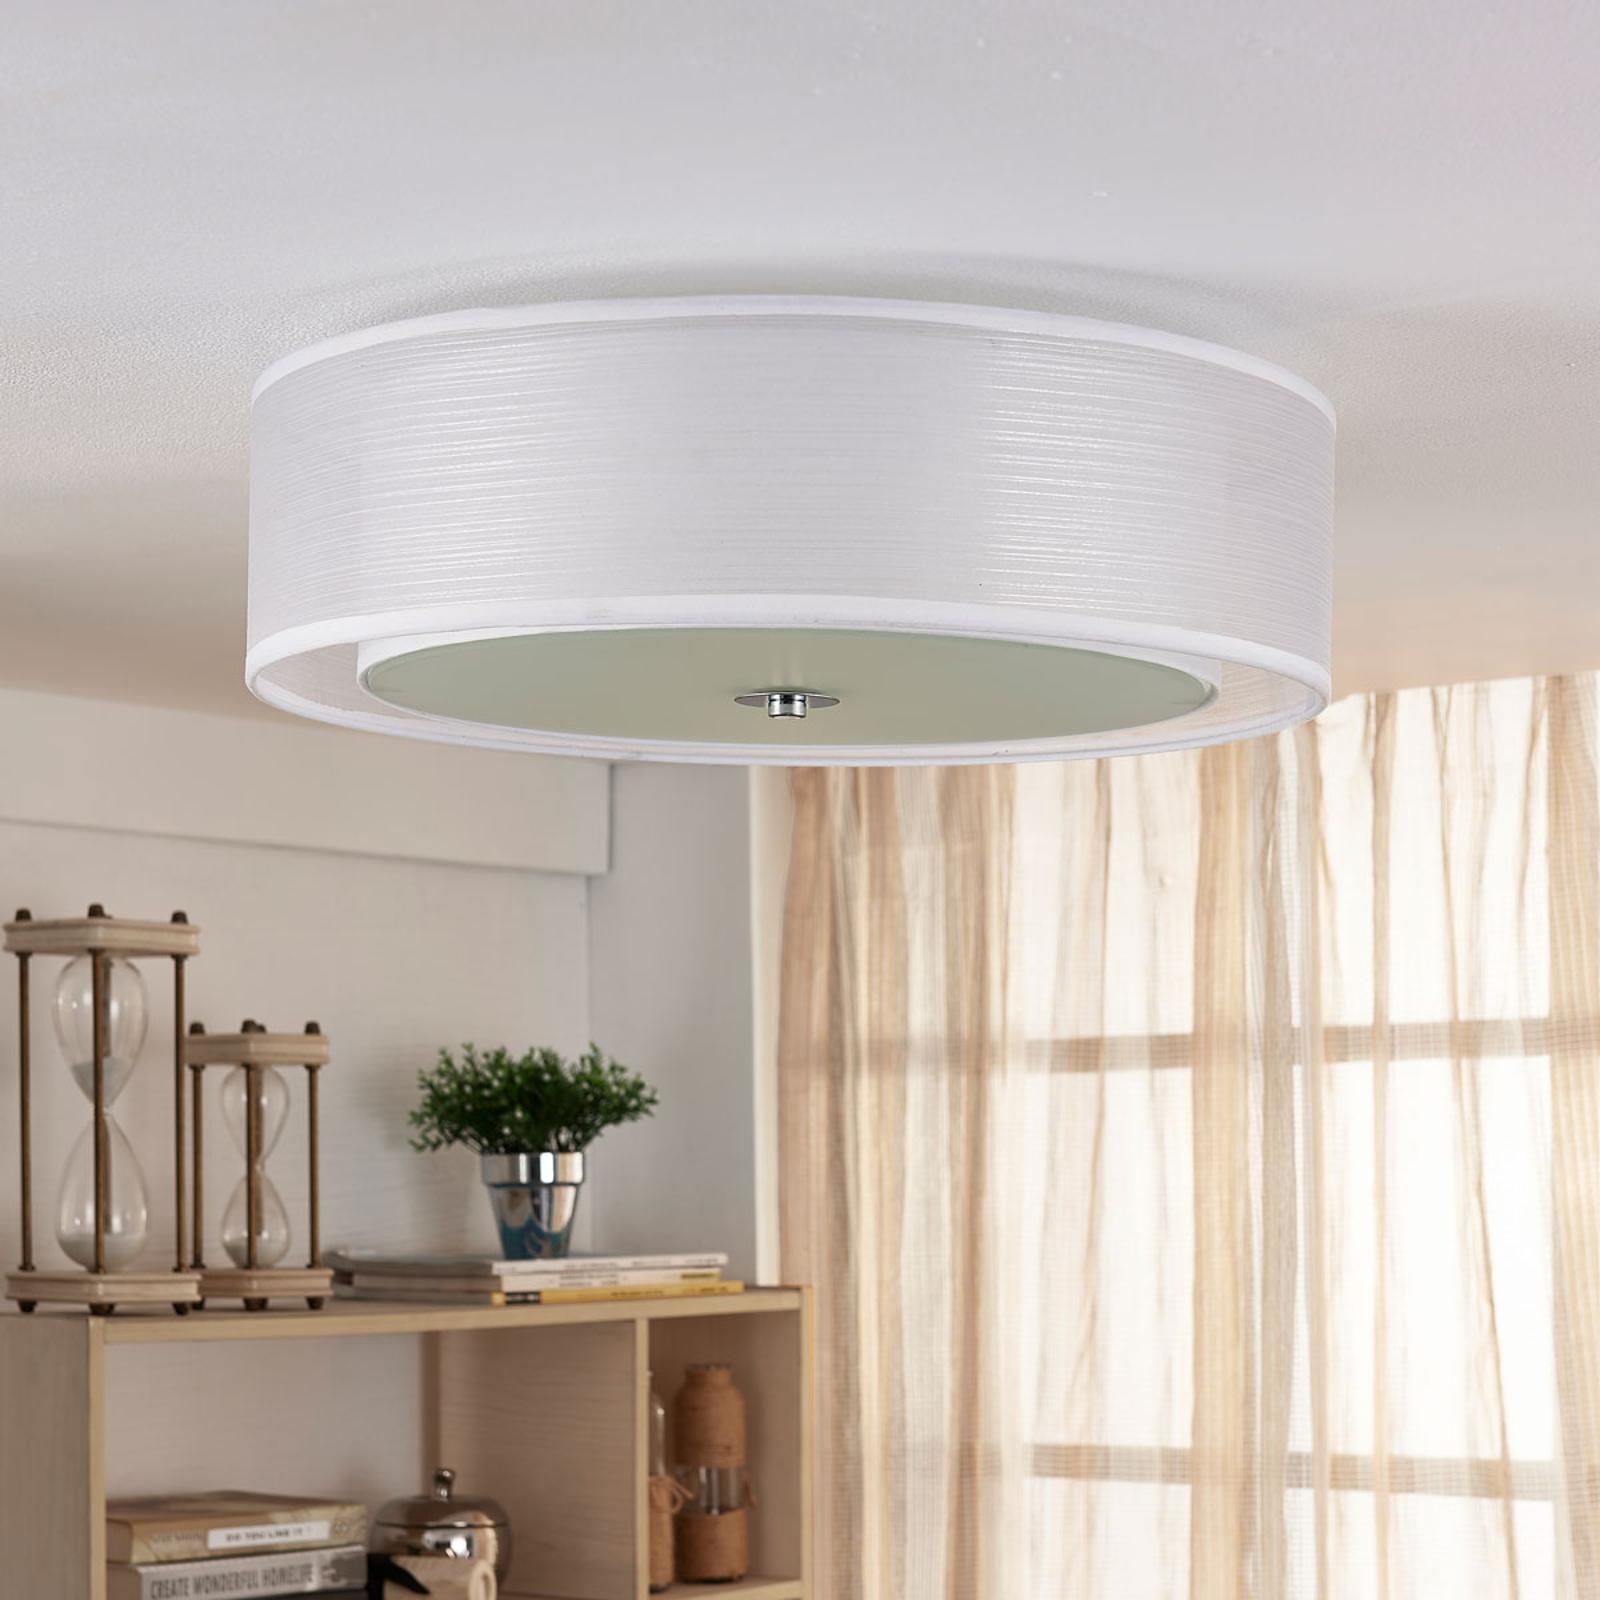 Lampa sufitowa LED Tobia easydim, z białej tkaniny